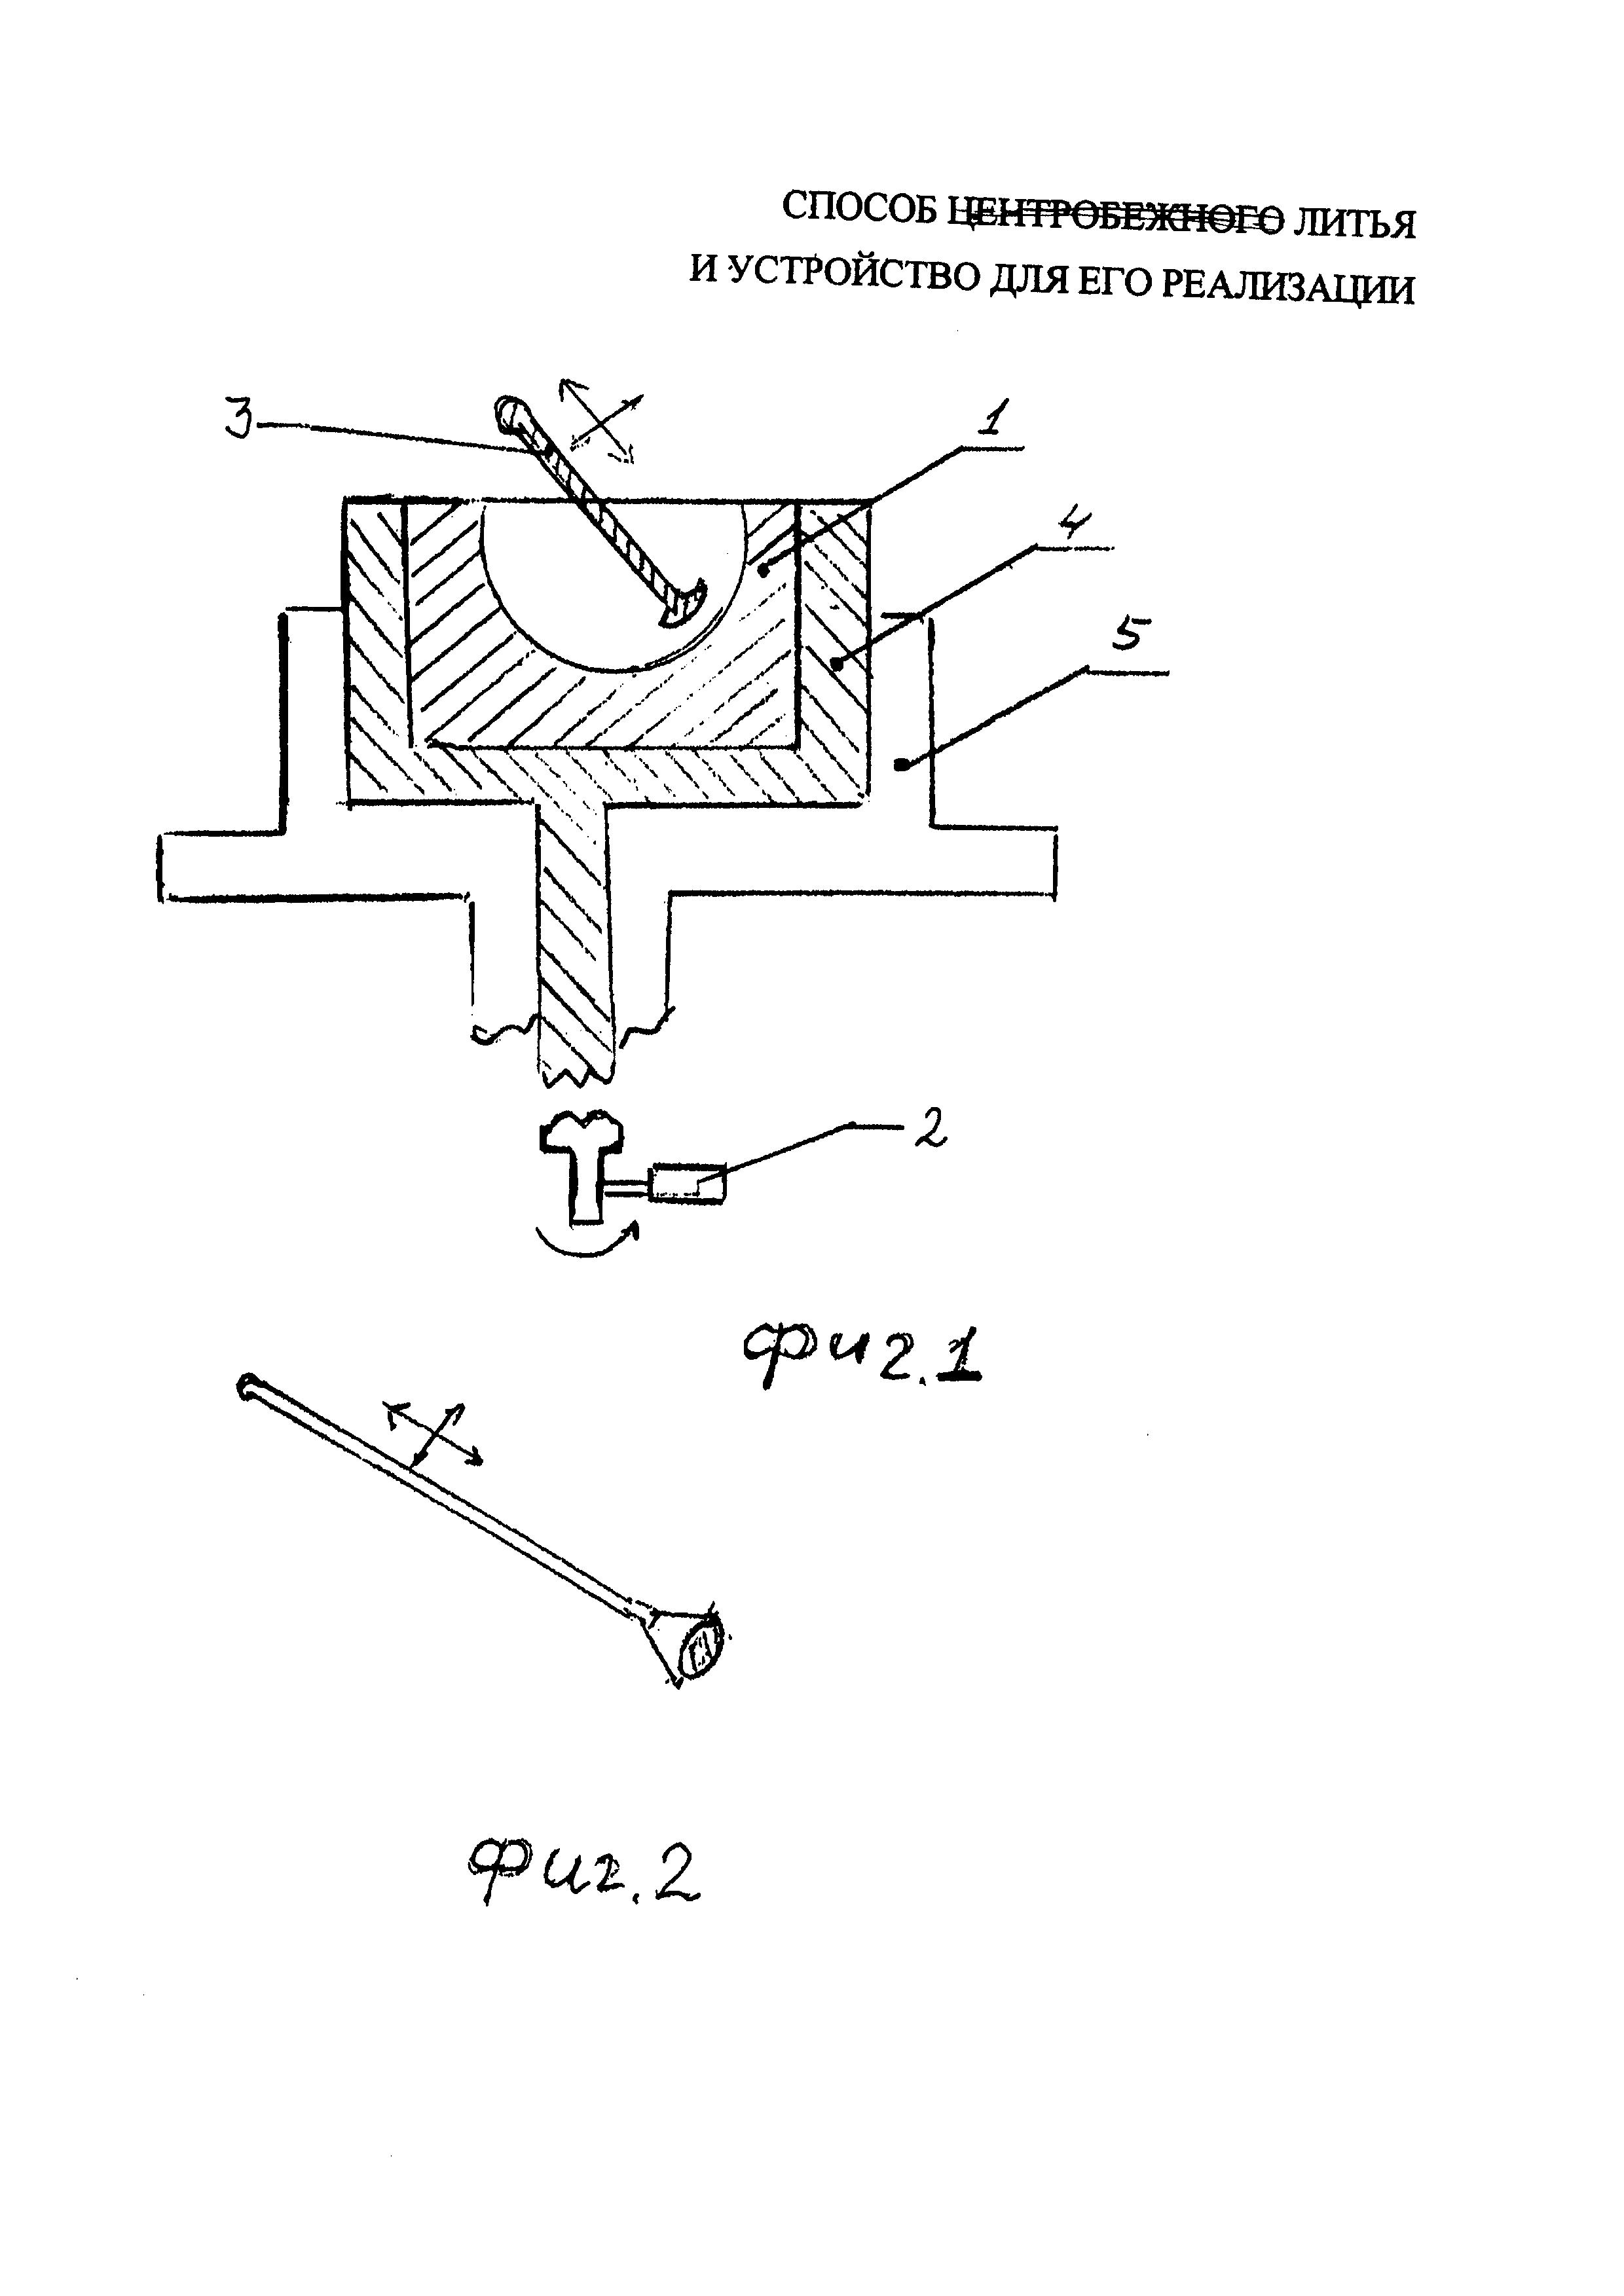 Способ центробежного литья и устройство для его реализации